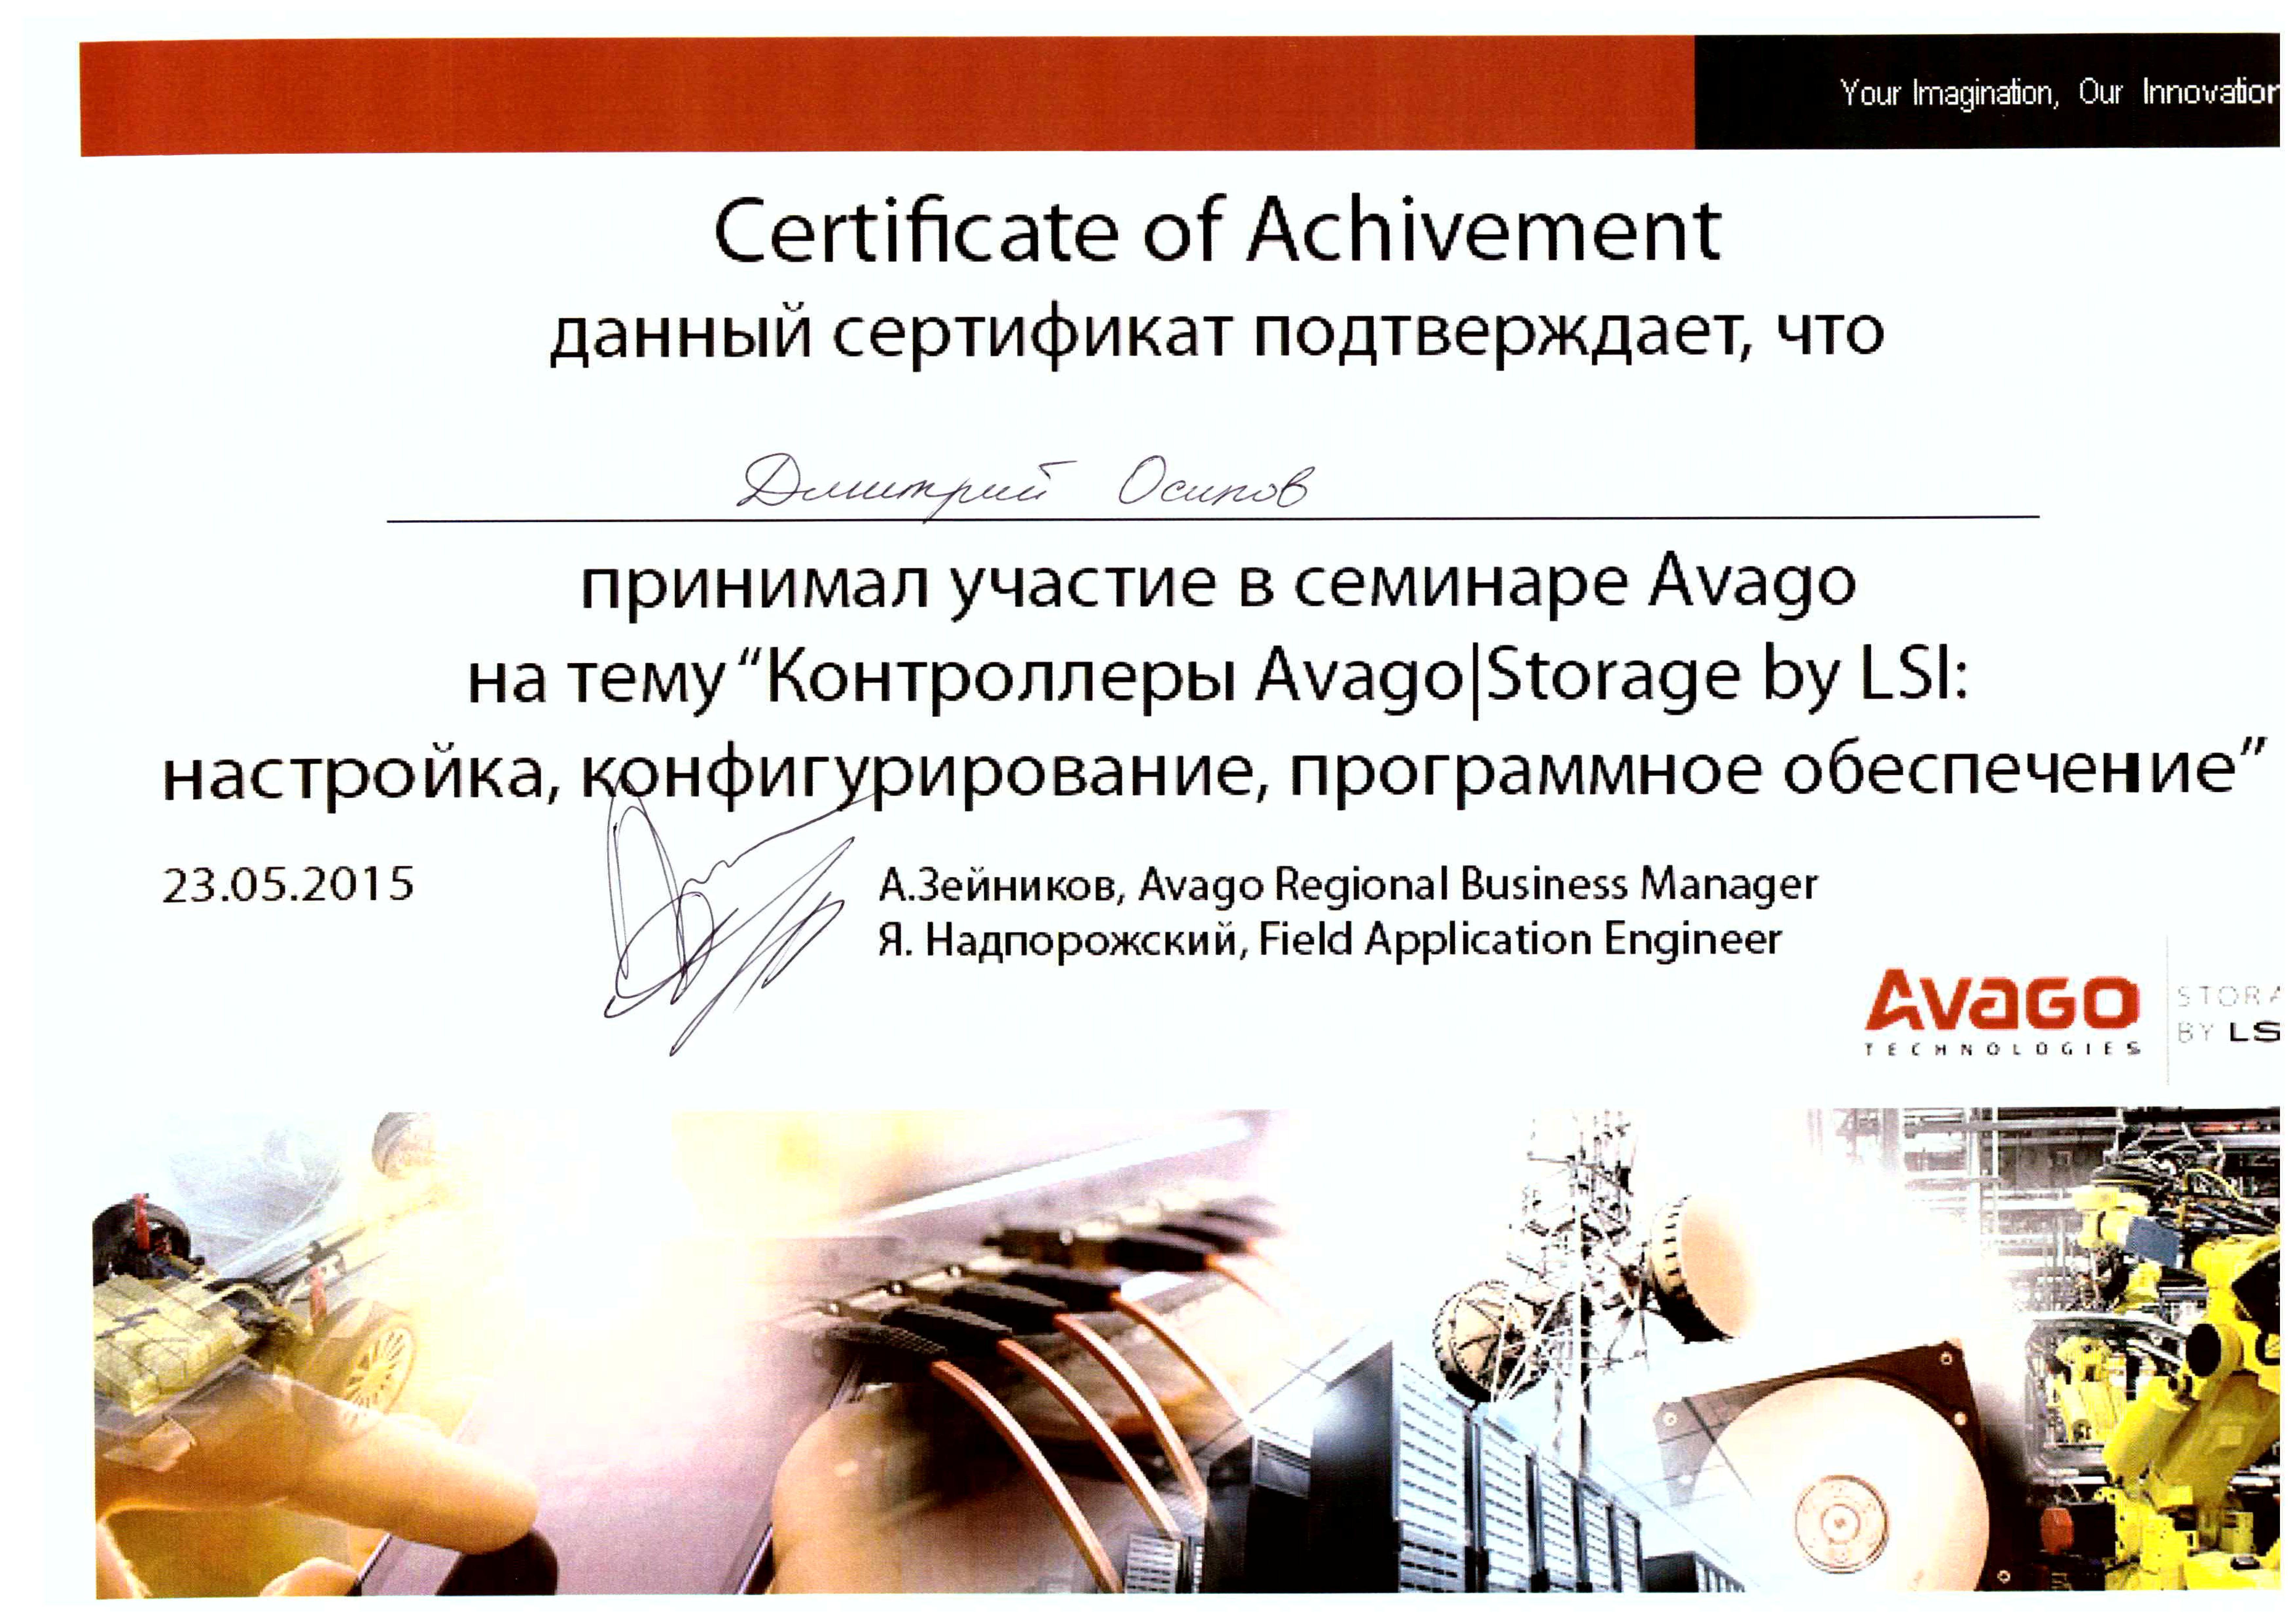 Сертификат Avago-Осипов Дмитрий